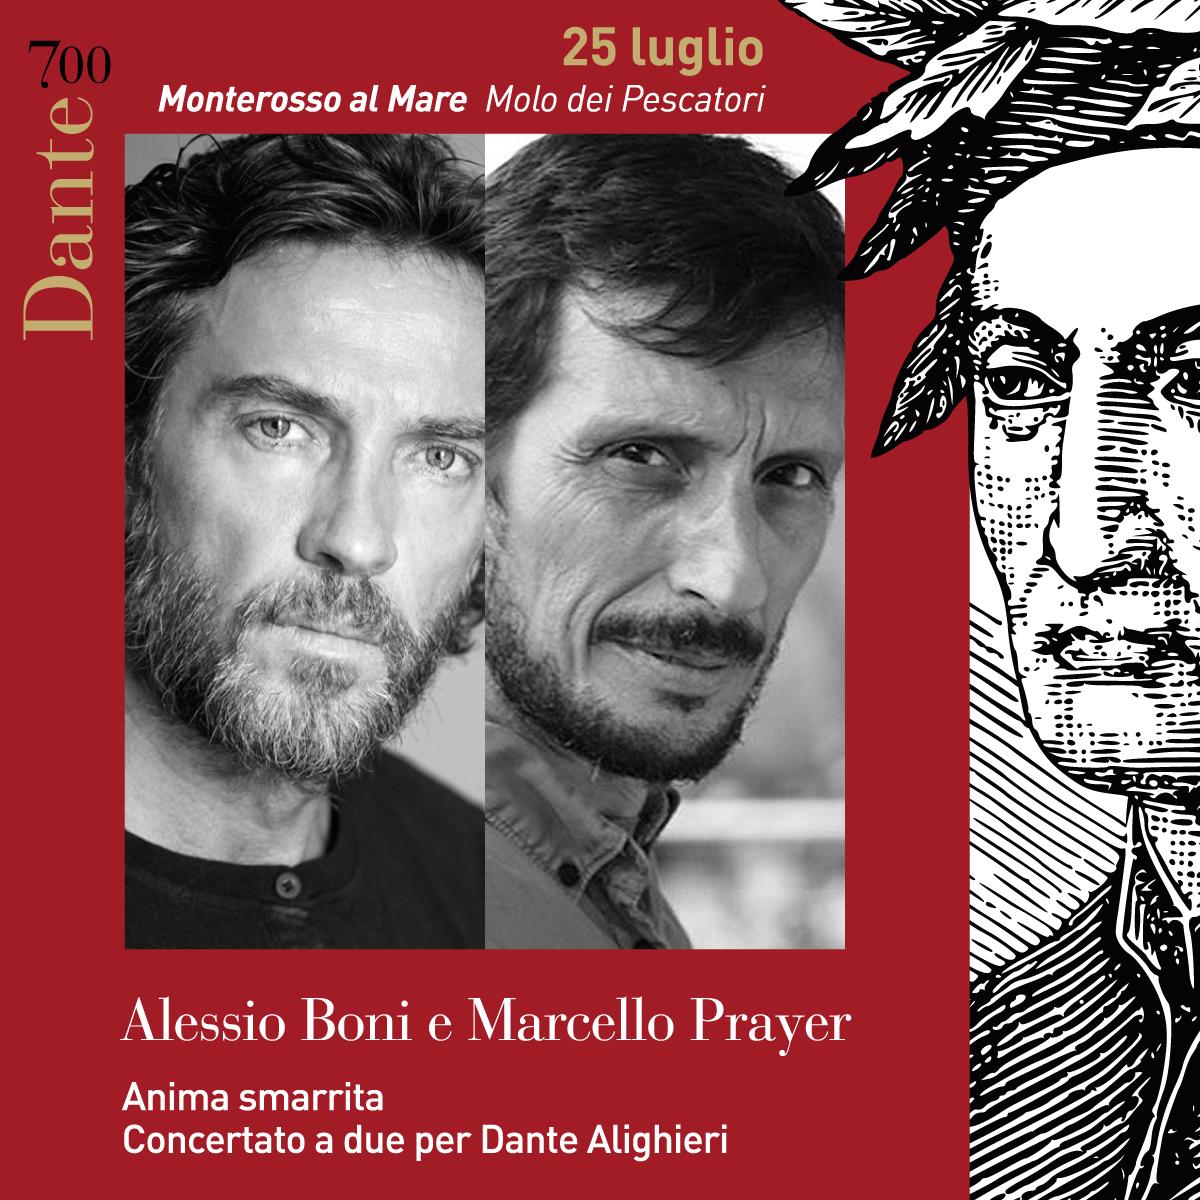 Anima Smarrita. Concertato a due per Dante Alighieri – Alessio Boni e Marcello Prayer